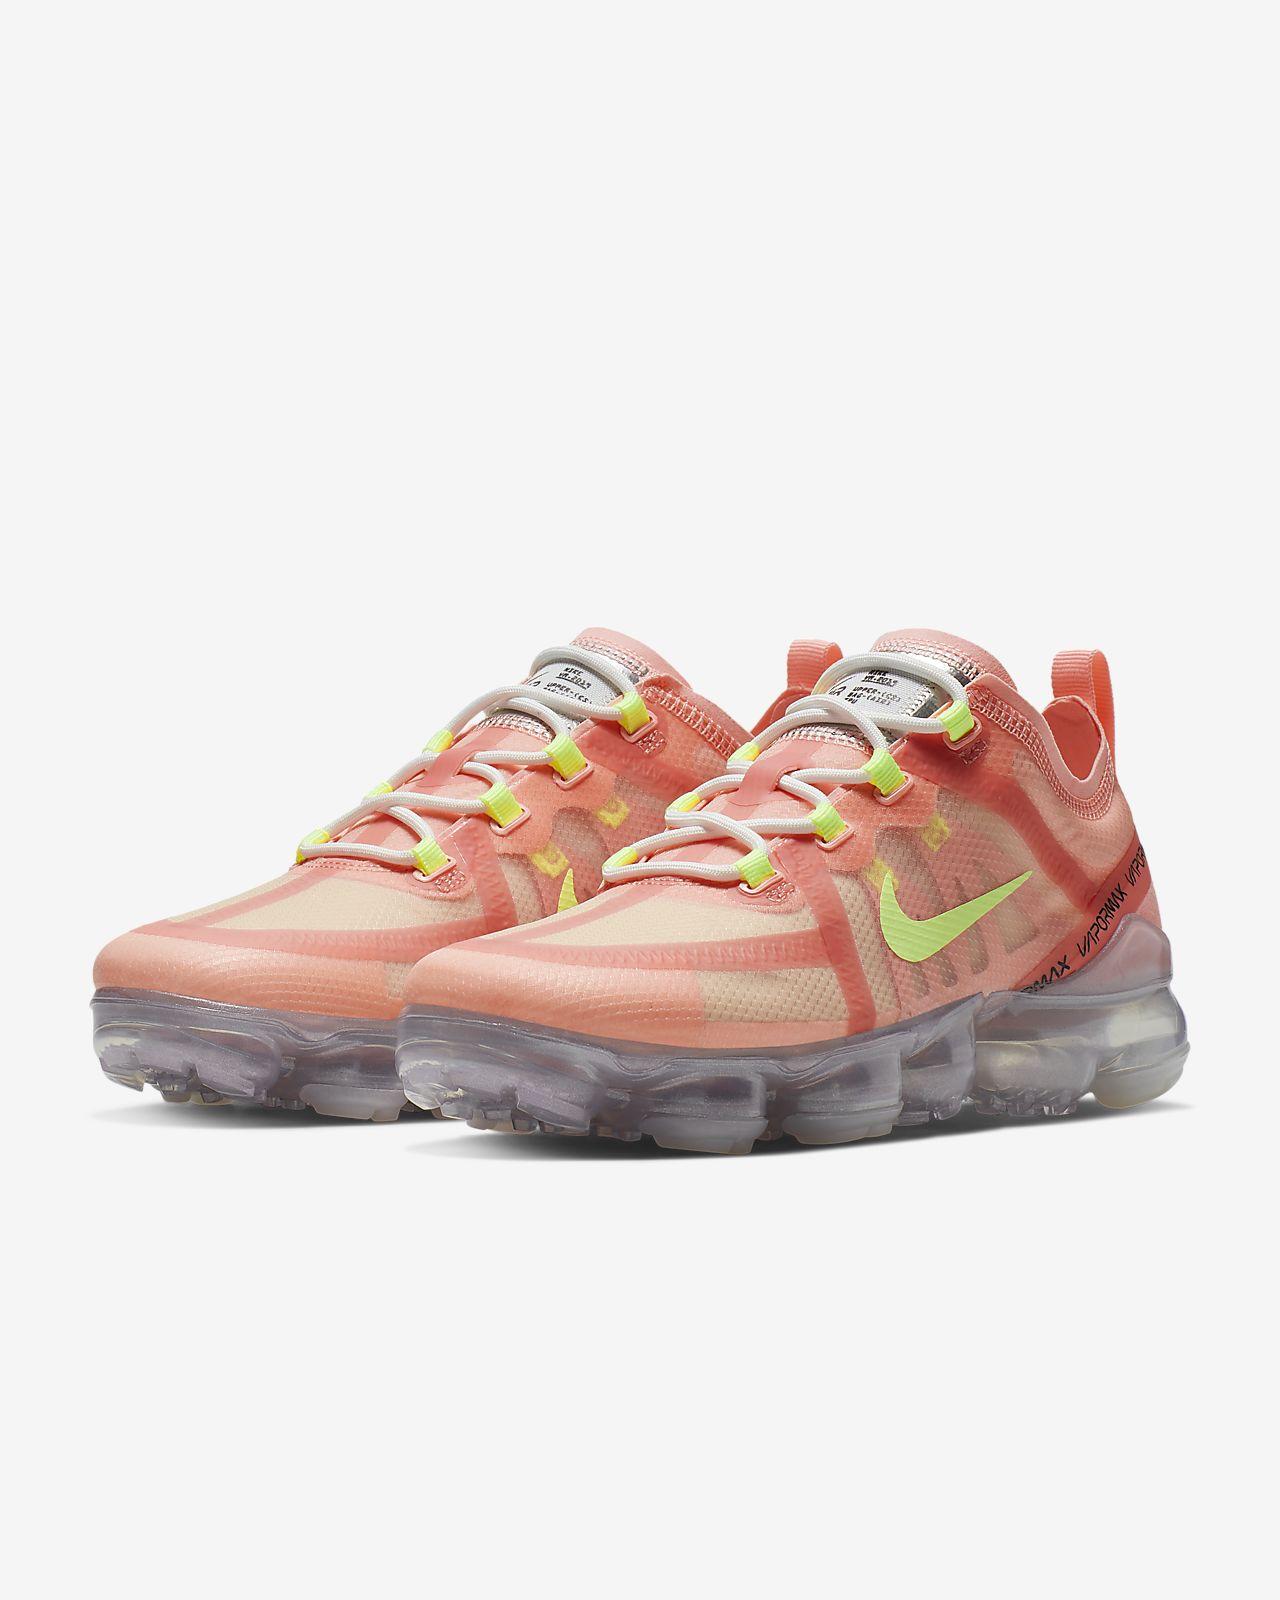 buy popular 83673 c5a38 ... Sko Nike Air VaporMax 2019 för kvinnor